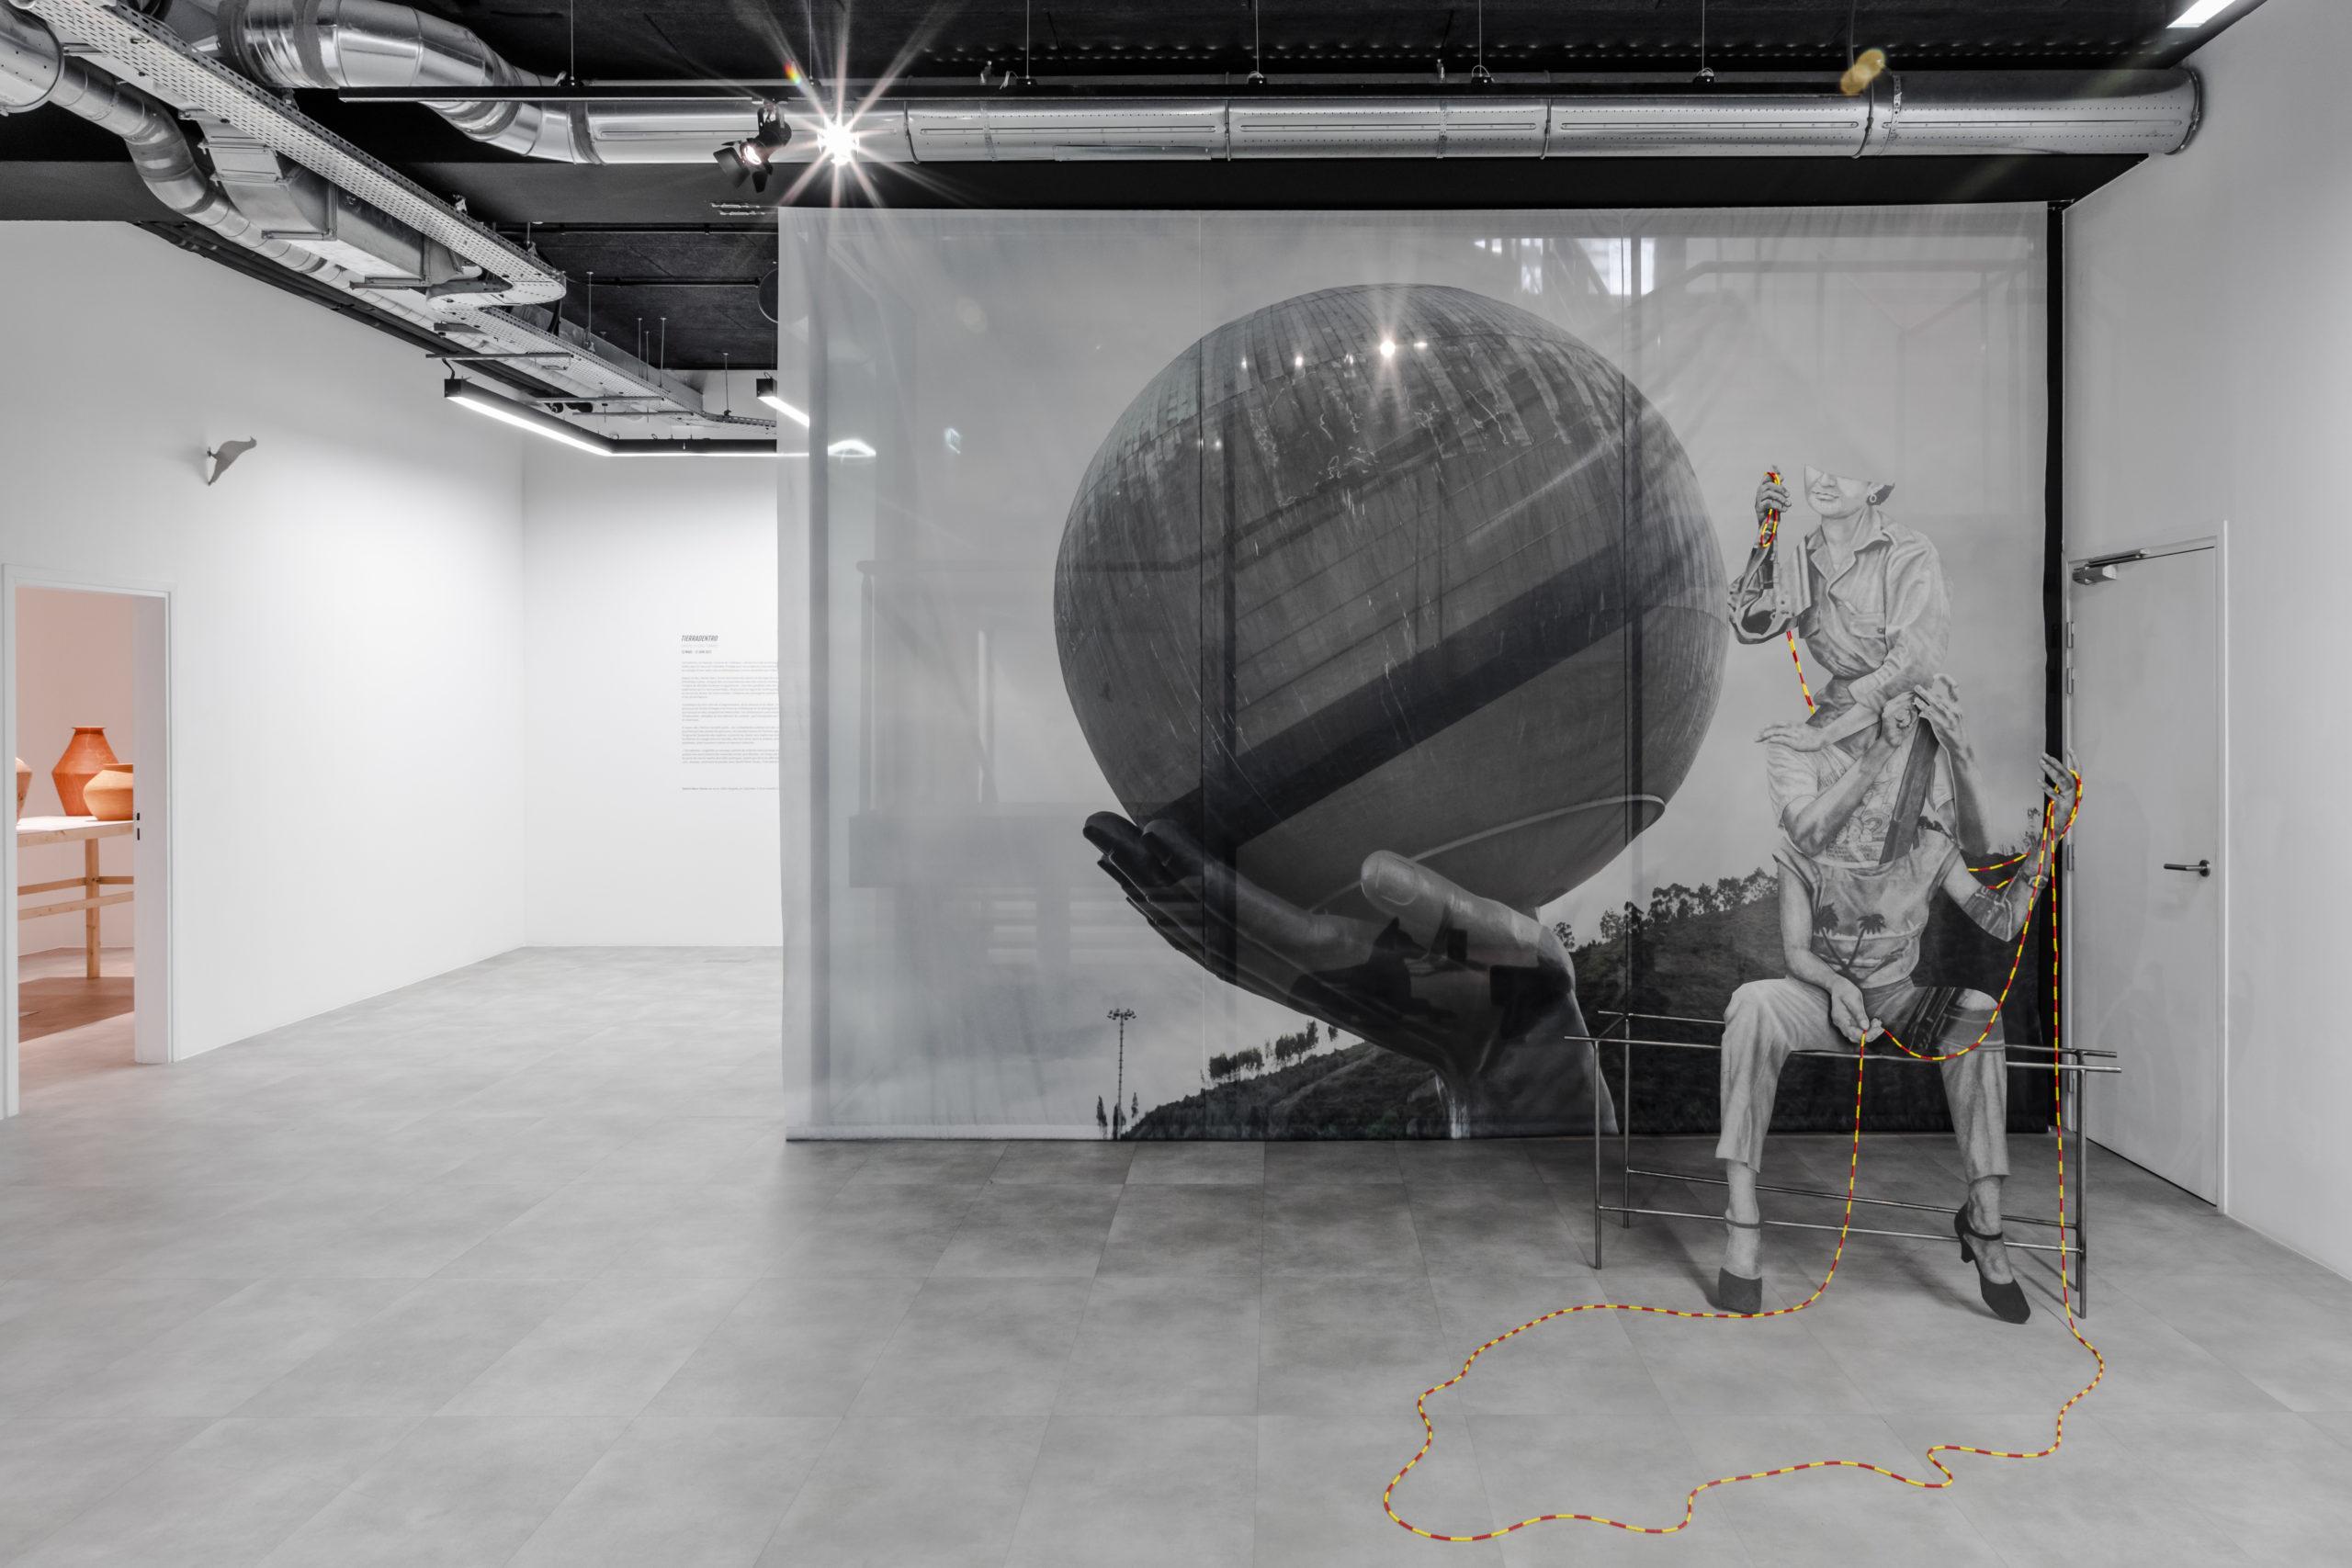 Vue de l'exposition Daniel Otero Torres, Tierradentro, commissariat Anaïs Lepage, 13 mars – 17 juin 2021, Production Drawing Lab Paris © Olivier Lechat